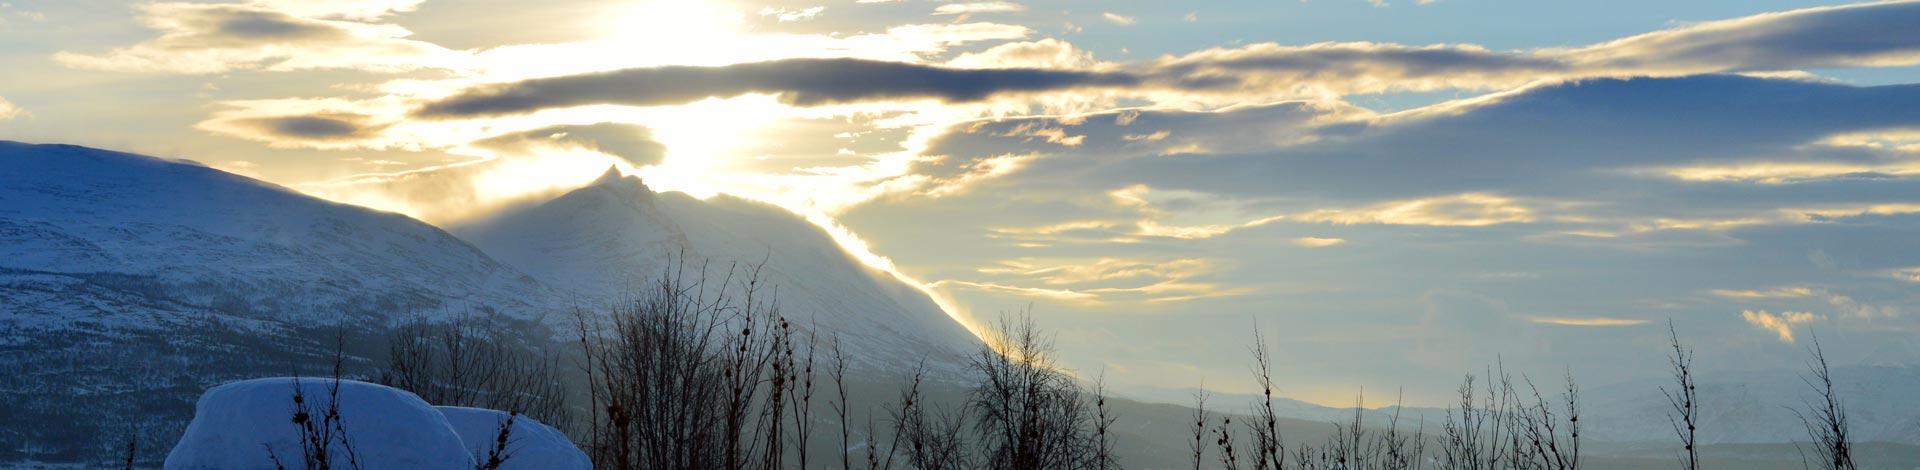 skitouren-in-norwegen-mit-schweizer-bergfuehrer